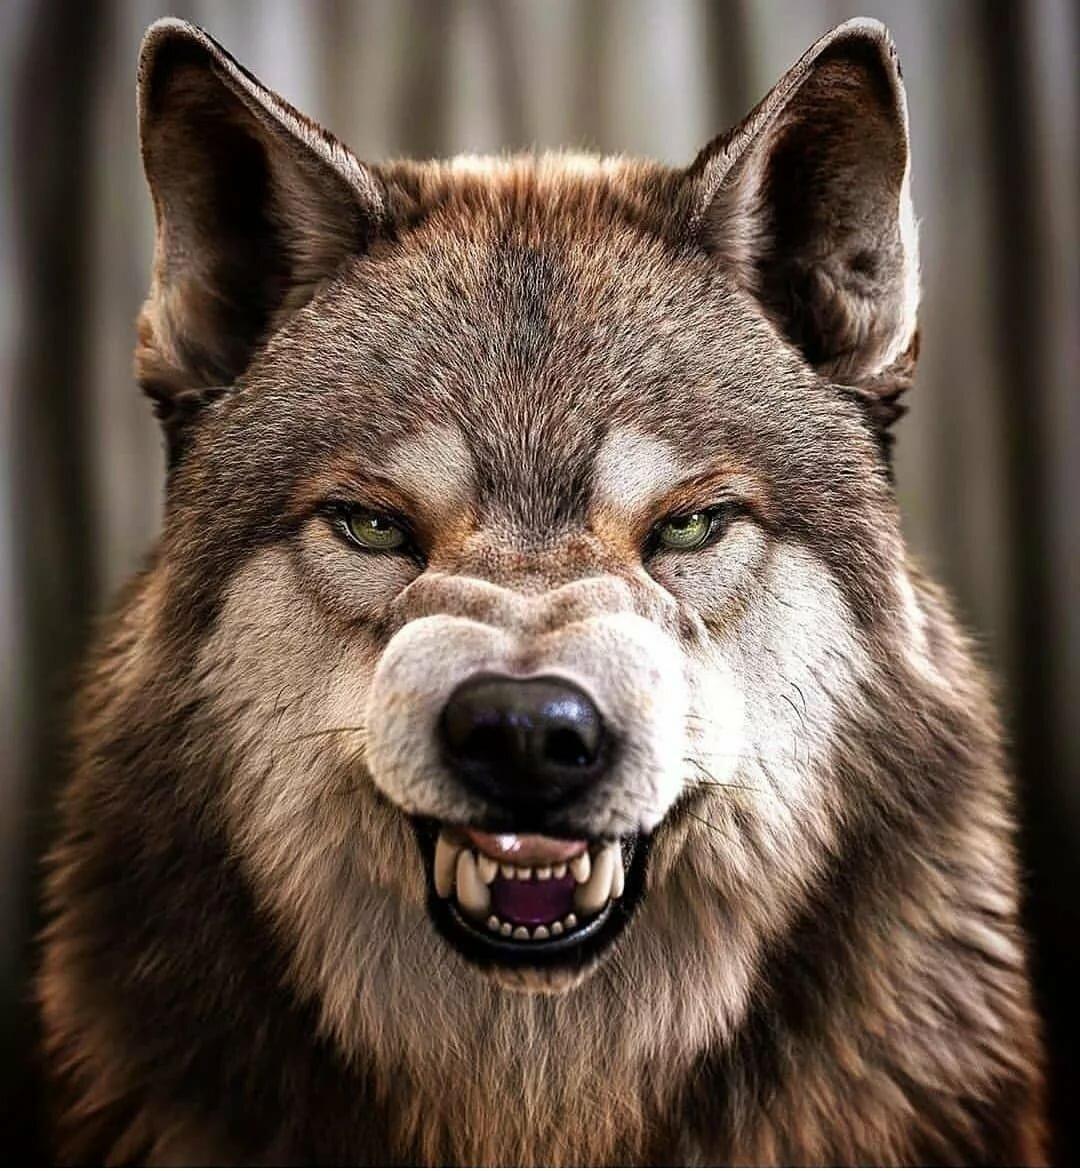 такие картинки волк с оскаленной пастью всей души желаем